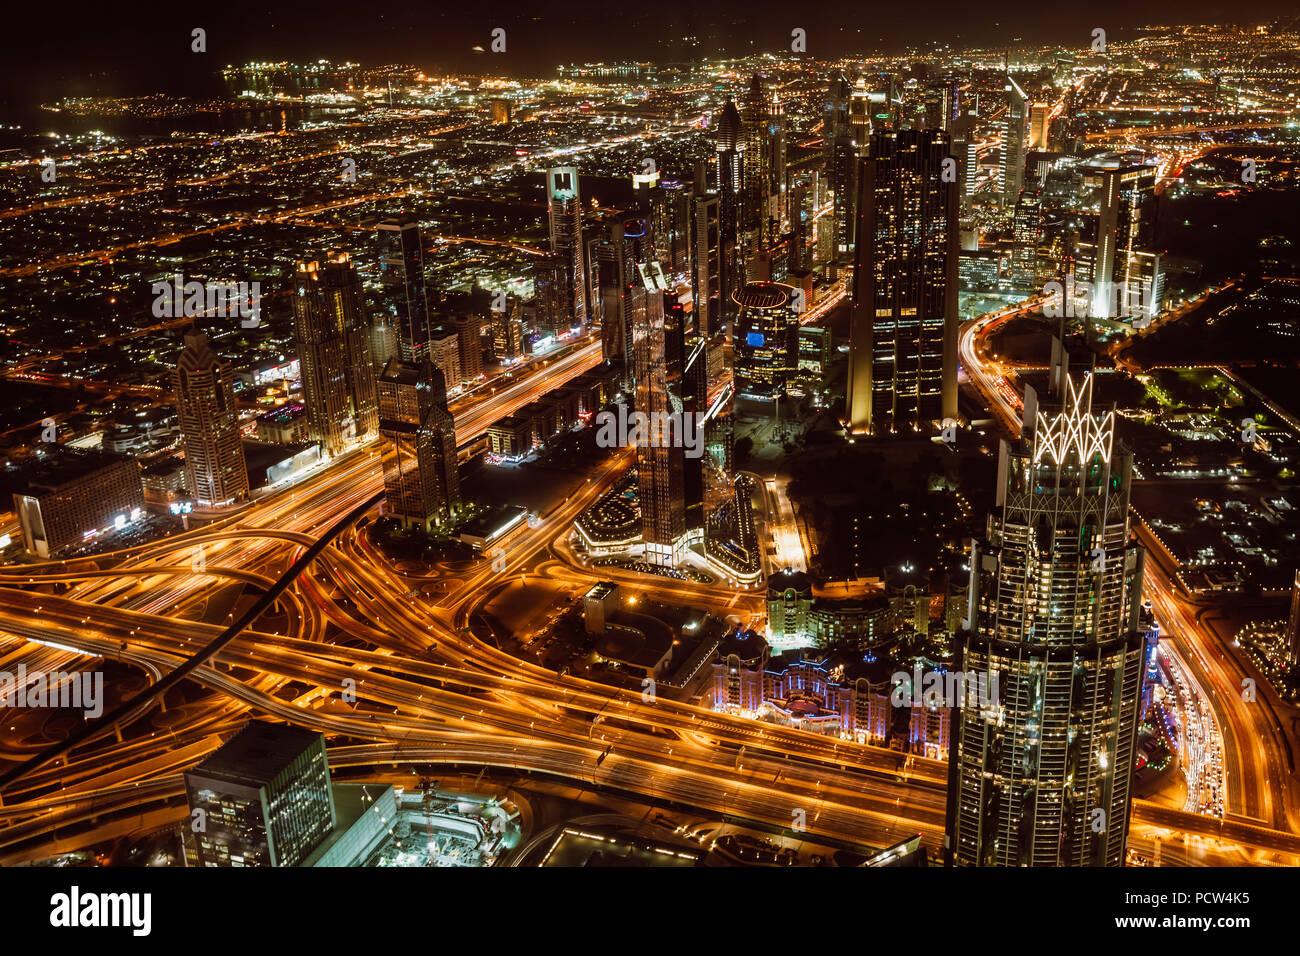 Vista aérea de la ciudad de Dubai y rascacielos en la noche desde la parte superior del Burj Khalifa Foto de stock